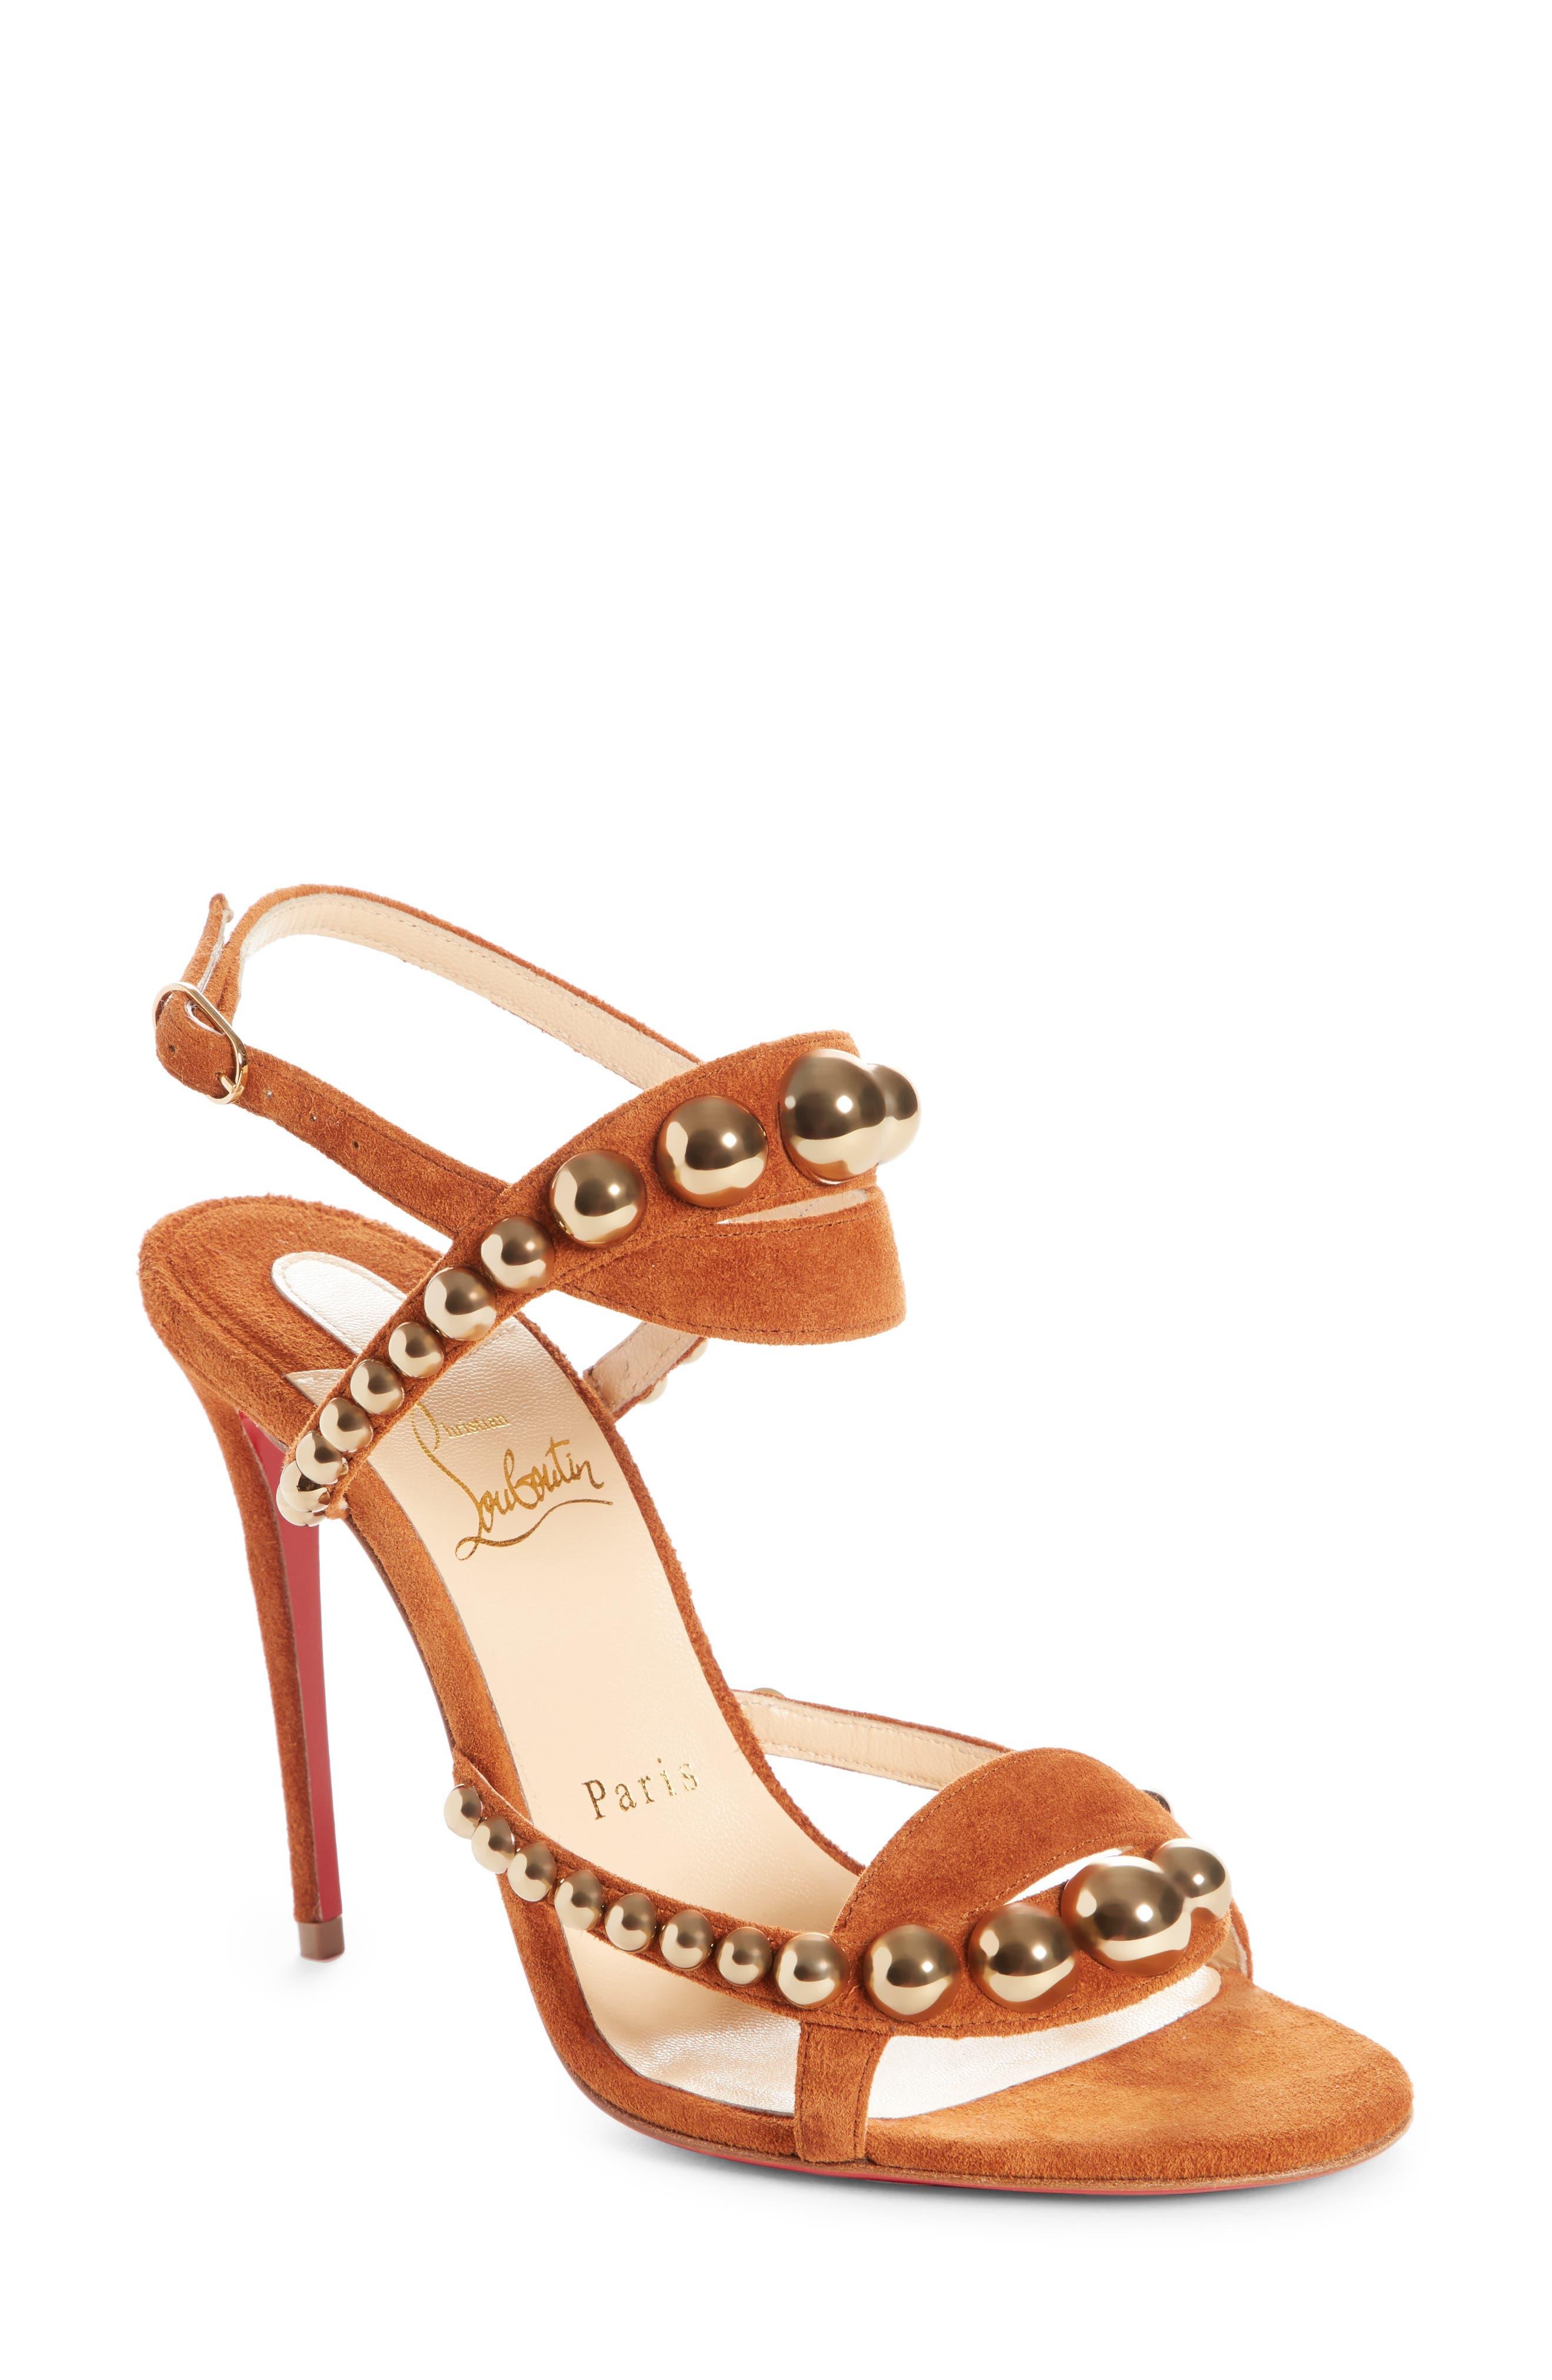 Galeria Ornament Sandal,                             Main thumbnail 1, color,                             Cannelle/ Bronze